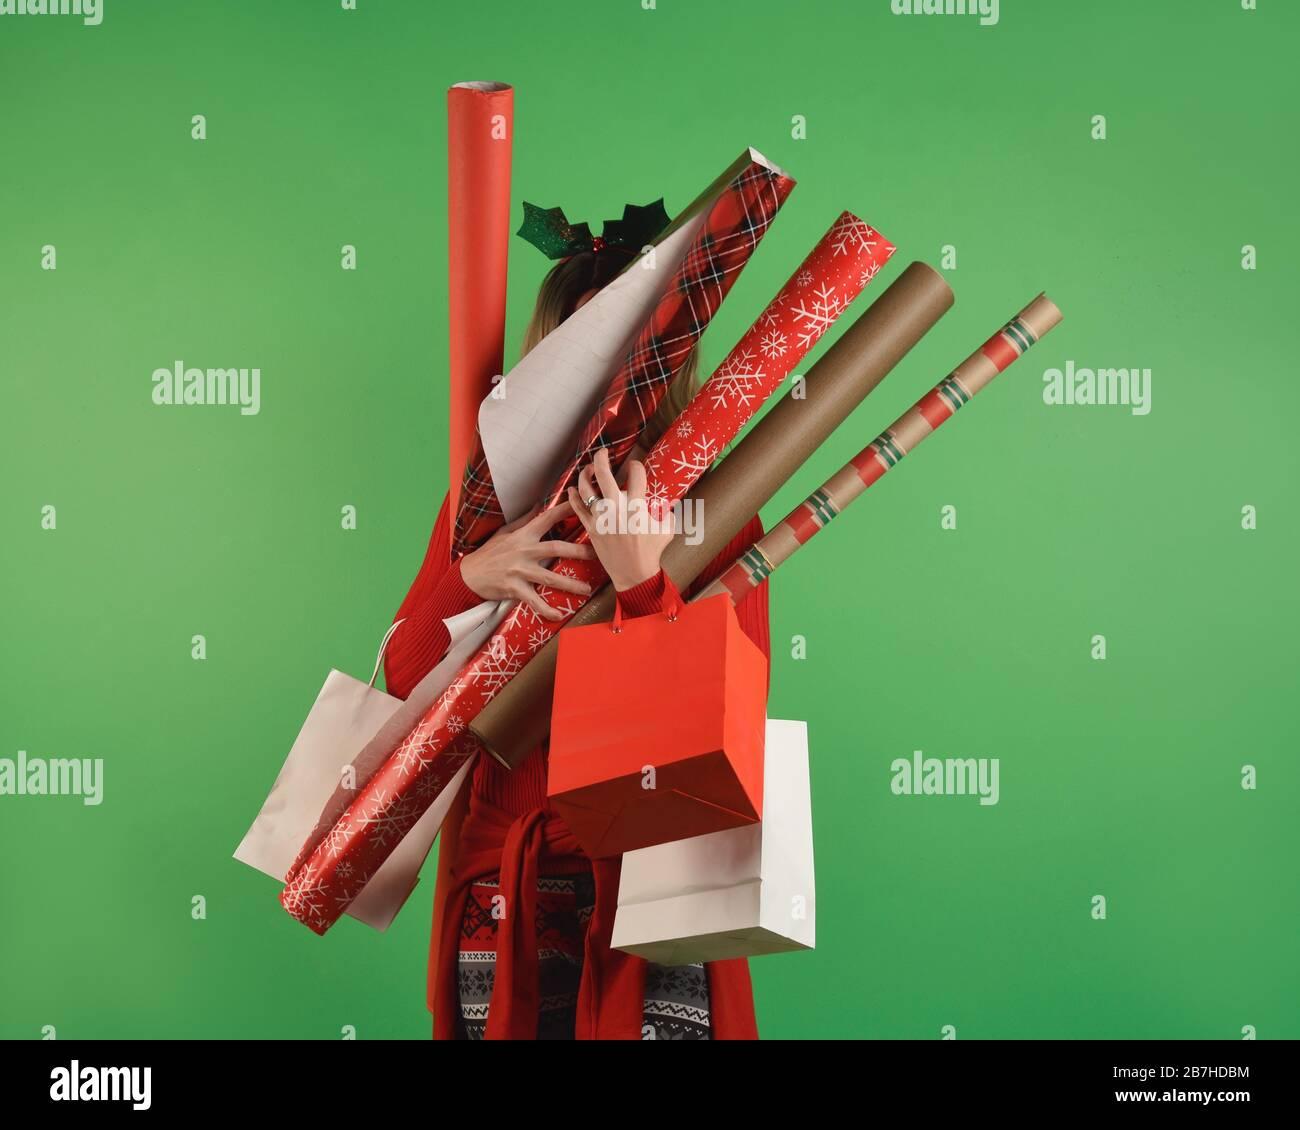 Ein Mädchen hält Weihnachtsverpackungspapier gegen eine solide grüne Wand und ist überwältigt von einer Geschenkidee. Stockfoto